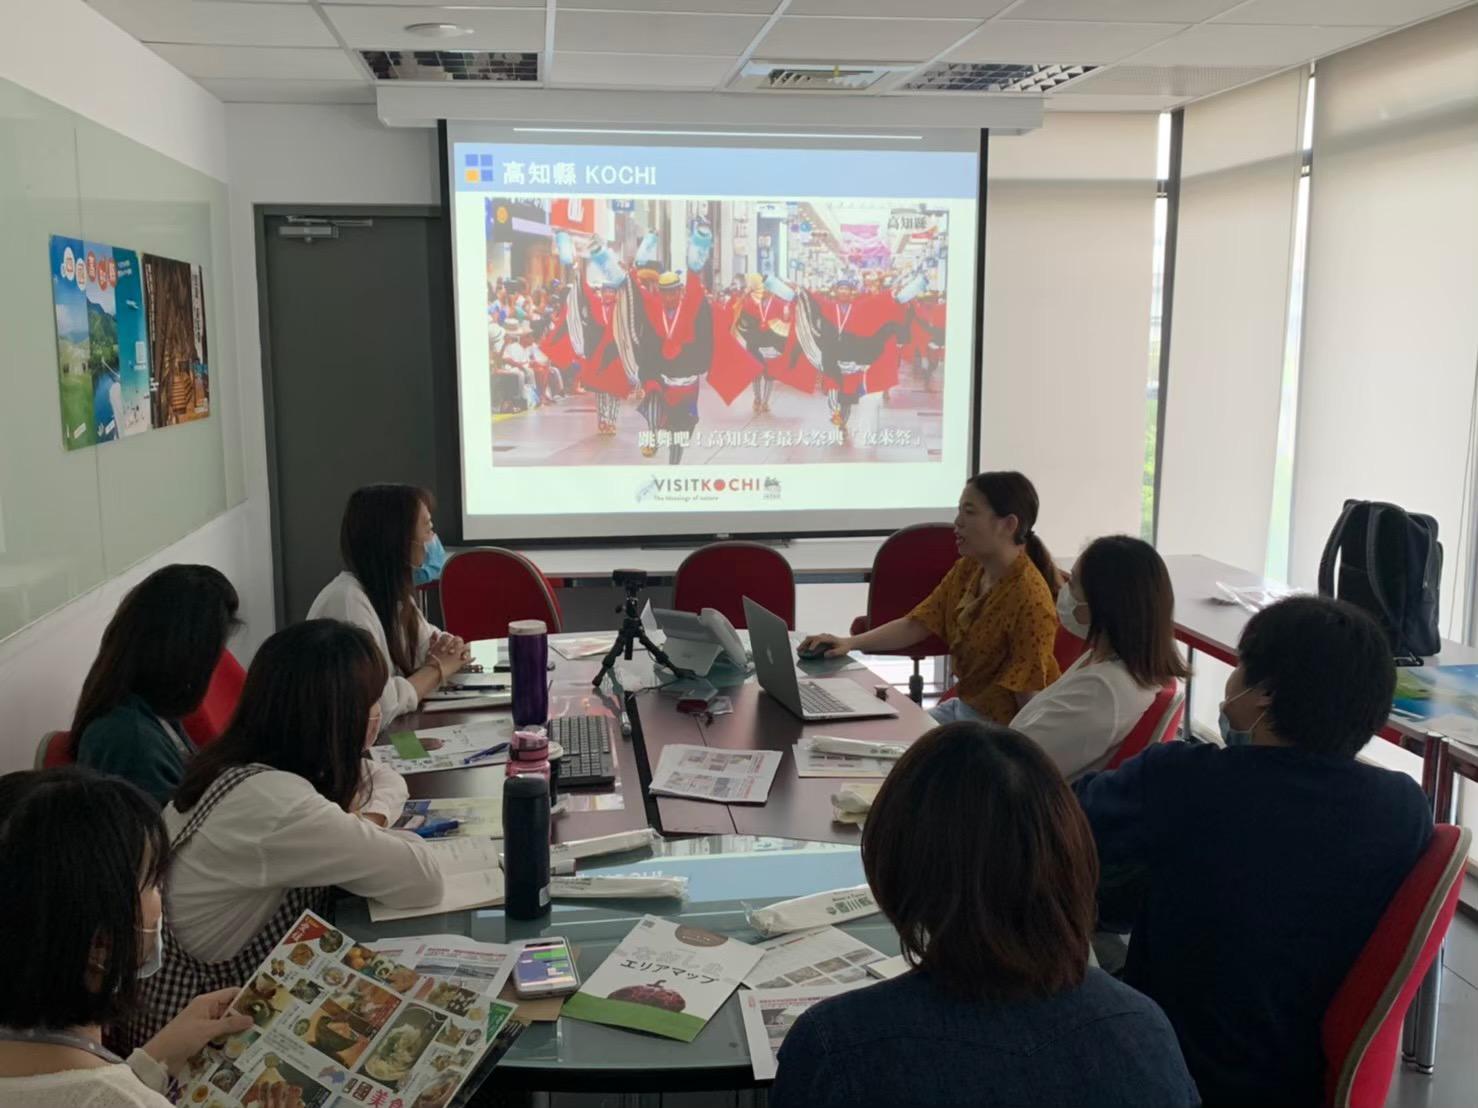 台湾旅行会社セールス、プロジェクターで説明